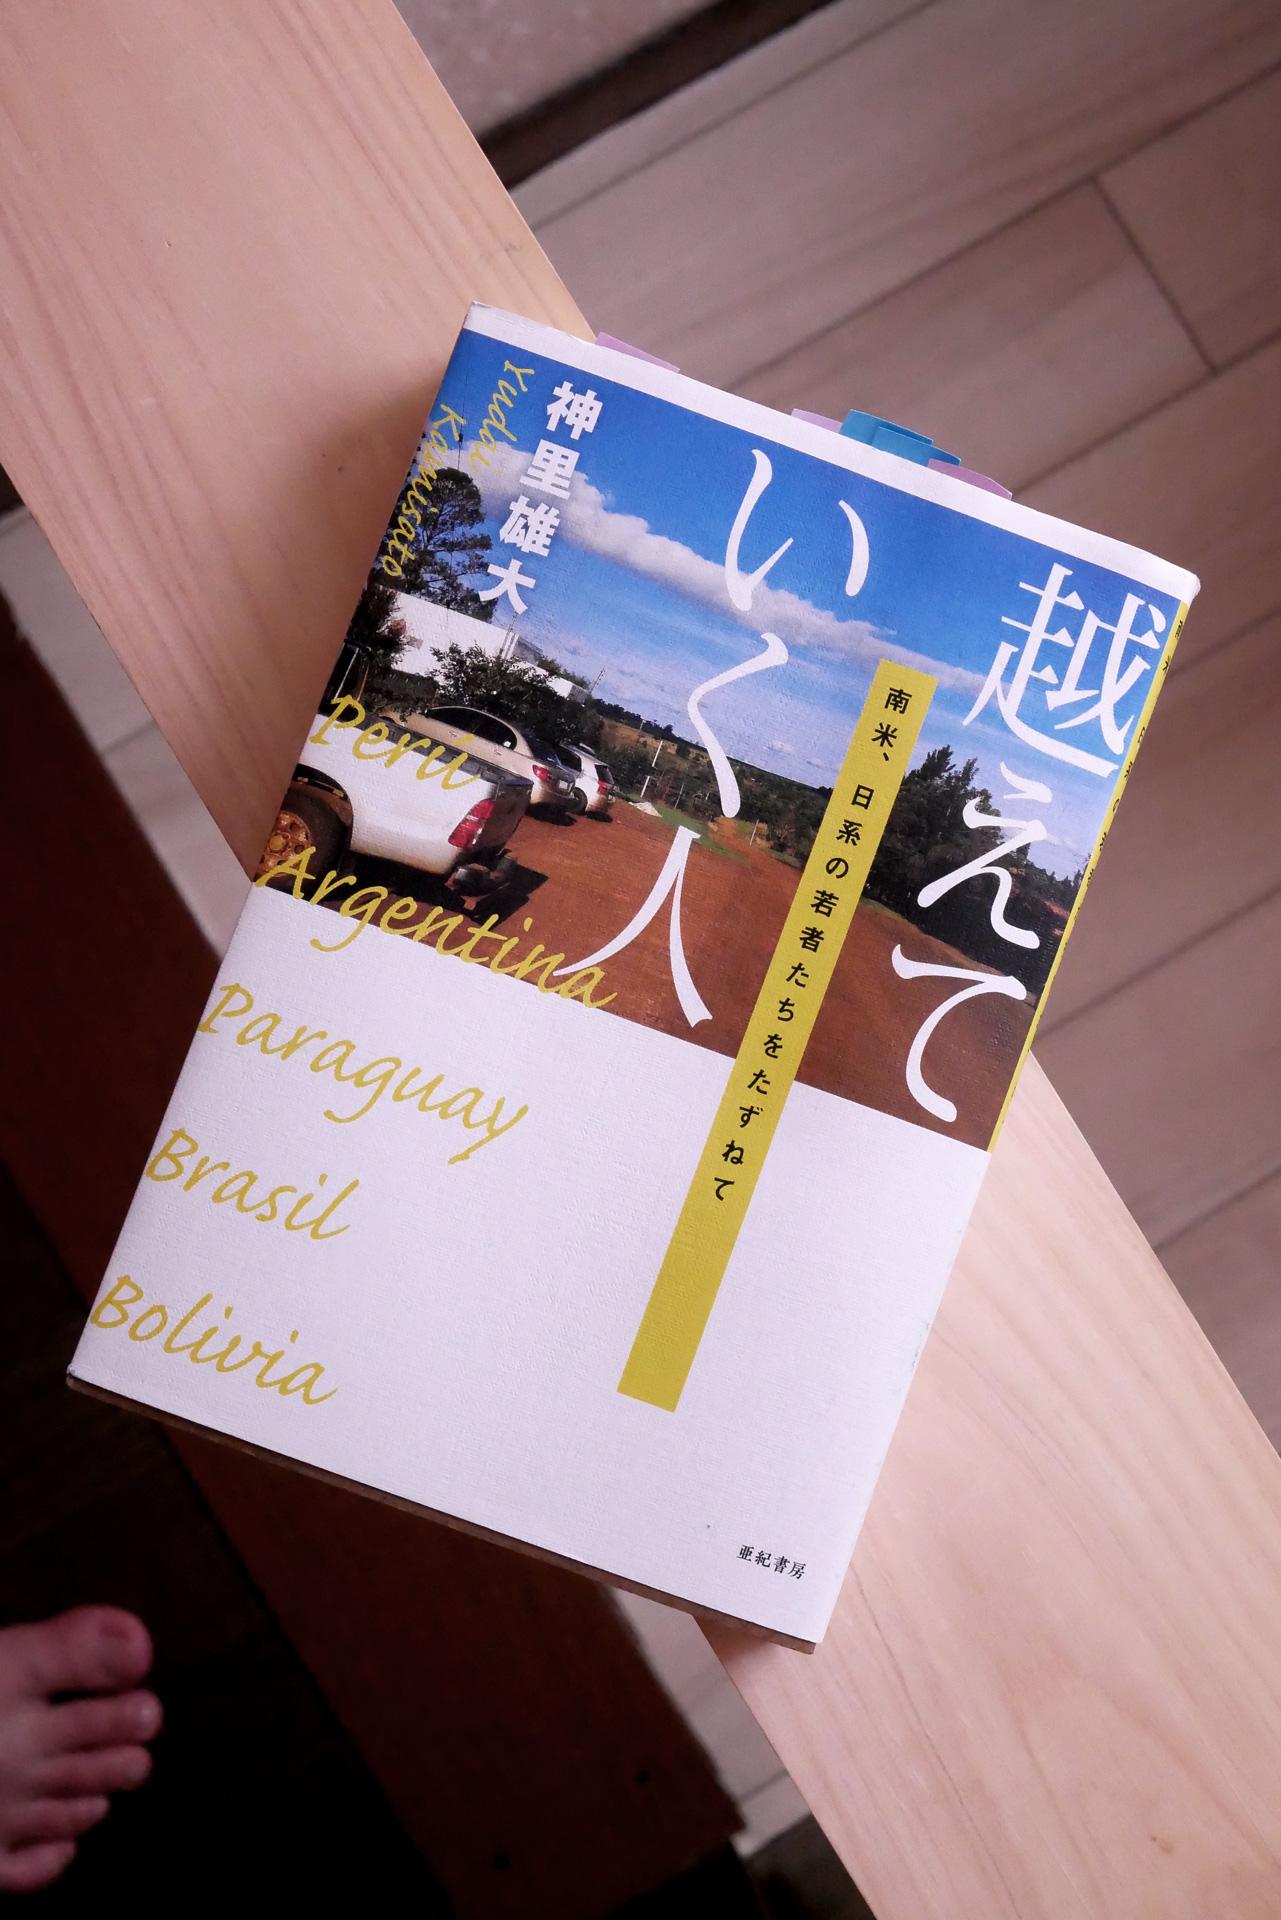 書籍越えていく人——南米、日系の若者たちをたずねて(神里 雄大/亜紀書房)」の表紙画像